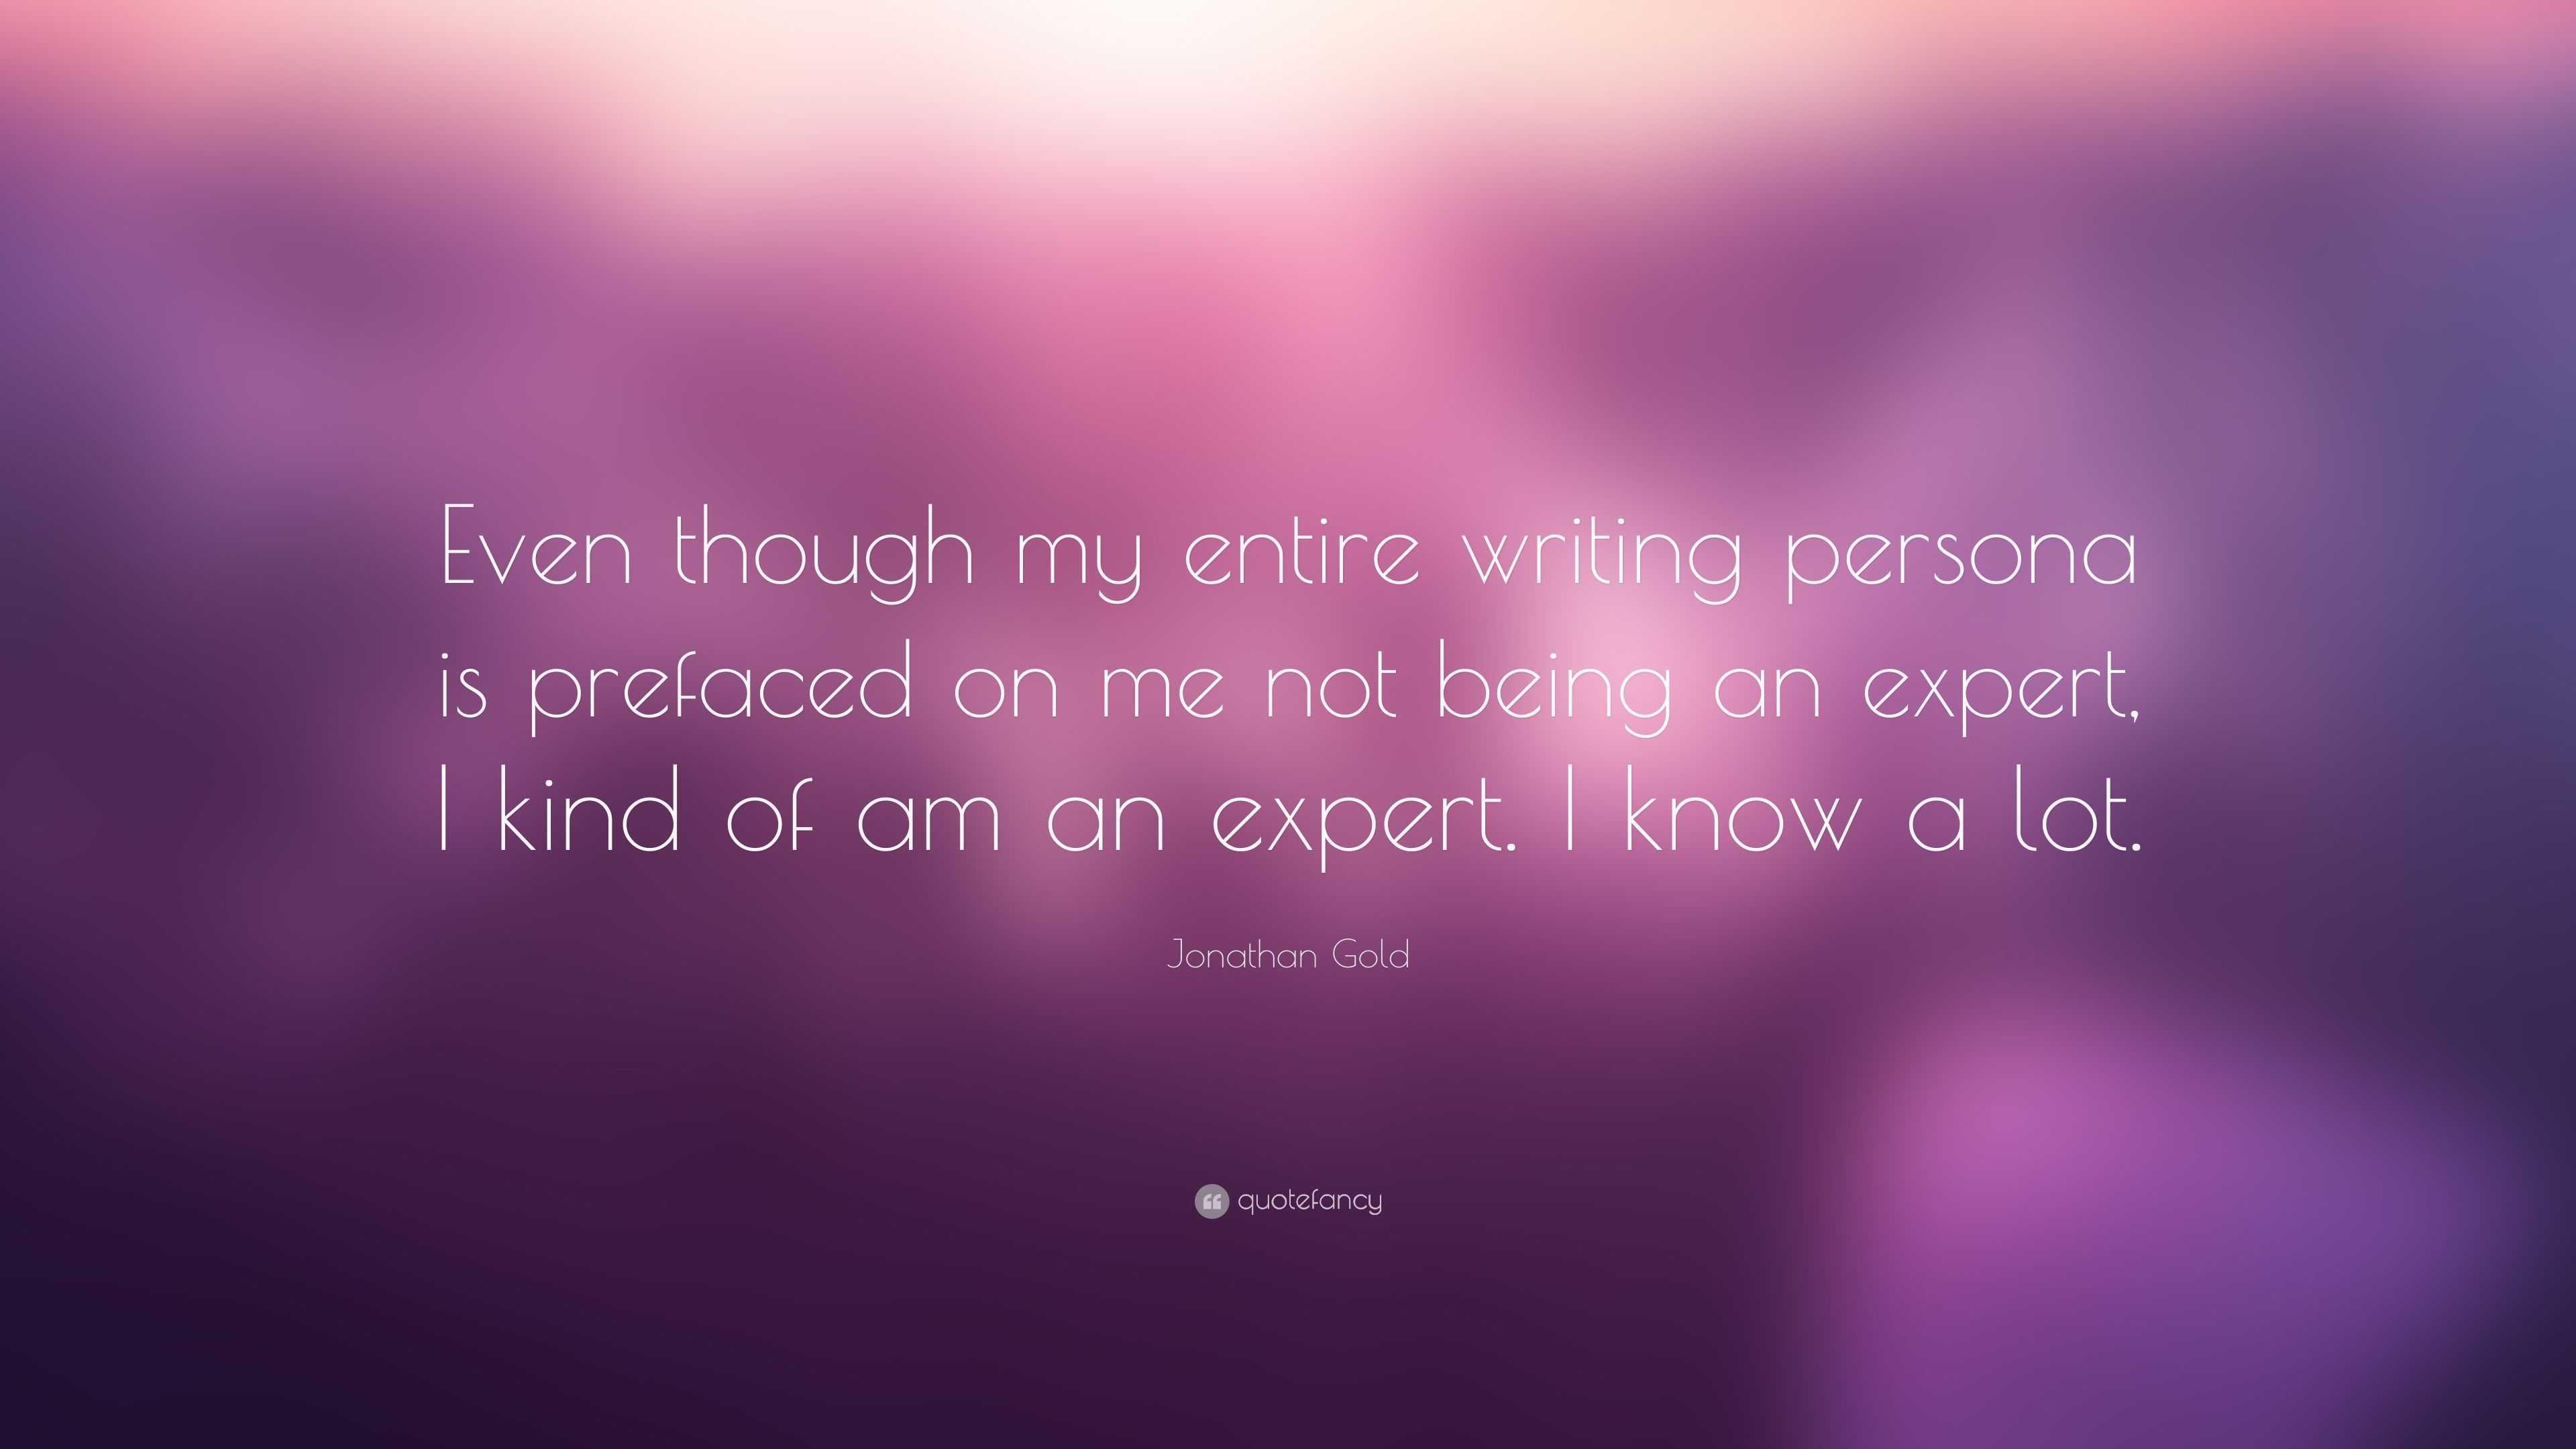 My expert writing